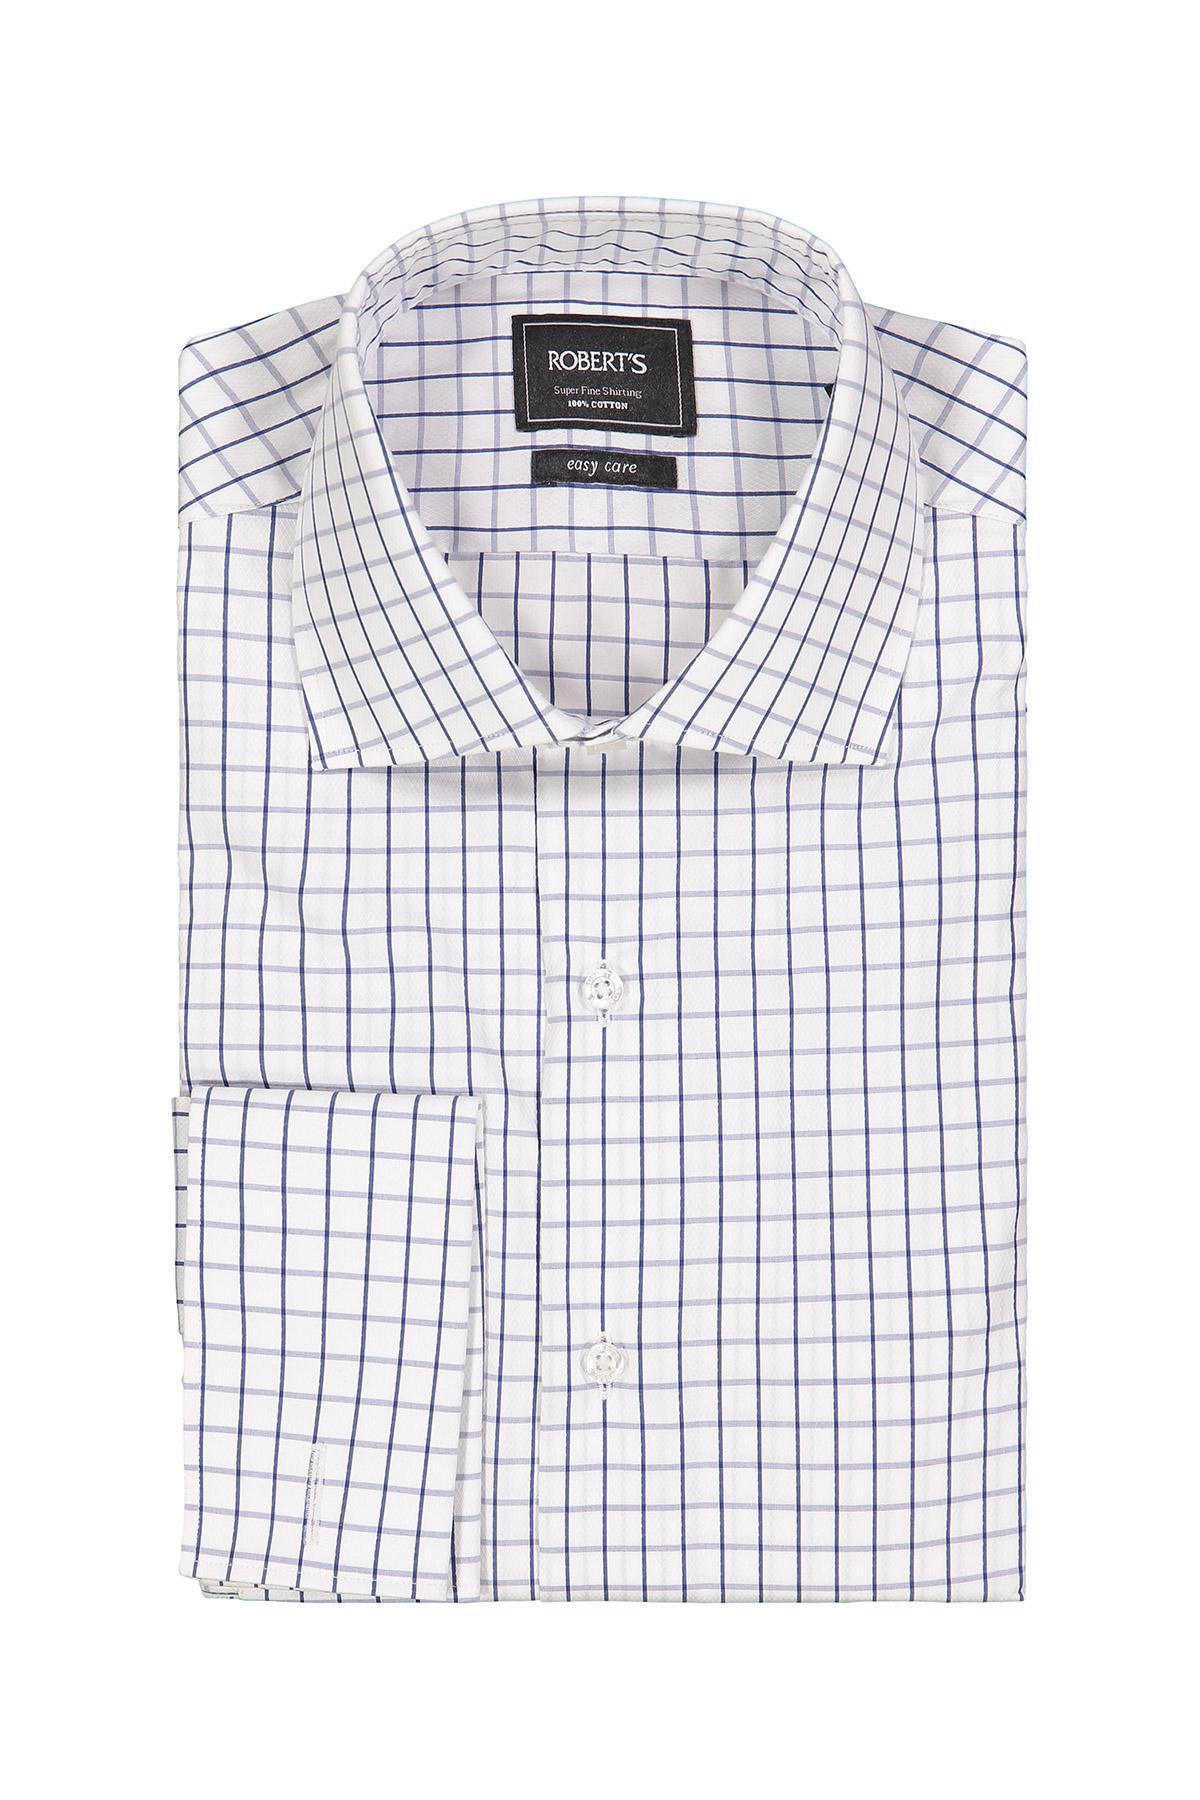 Camisa Robert´s, Easy Care, blanca con cuadros azul, puño doble.